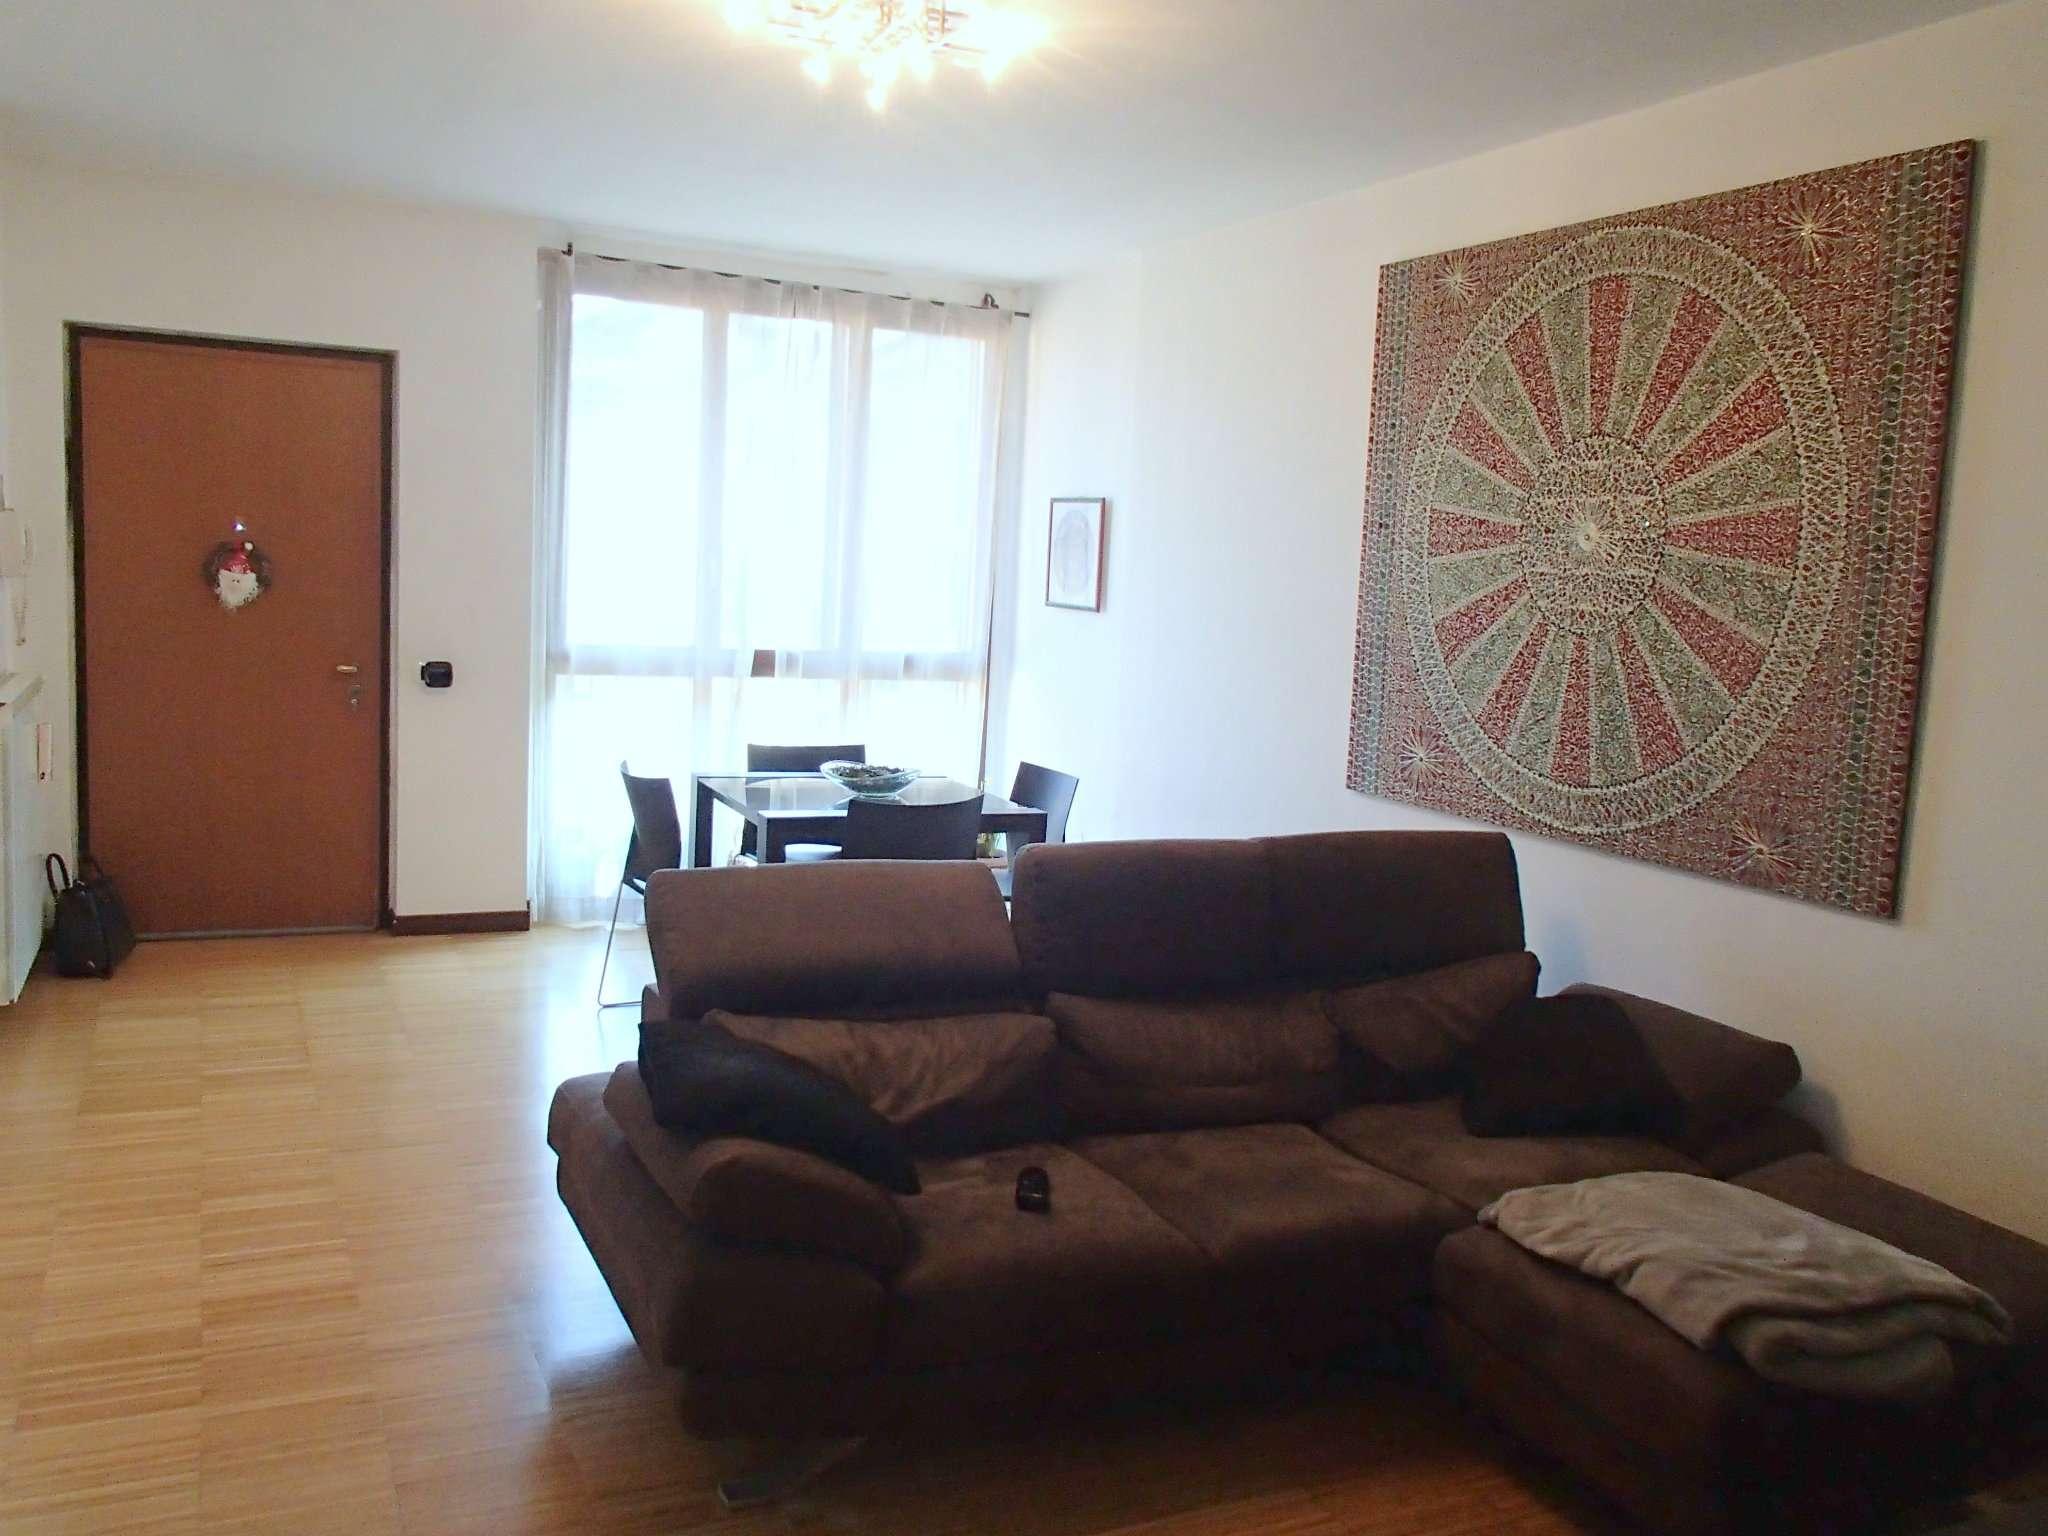 Appartamento in vendita a Landriano, 2 locali, prezzo € 95.000 | Cambio Casa.it